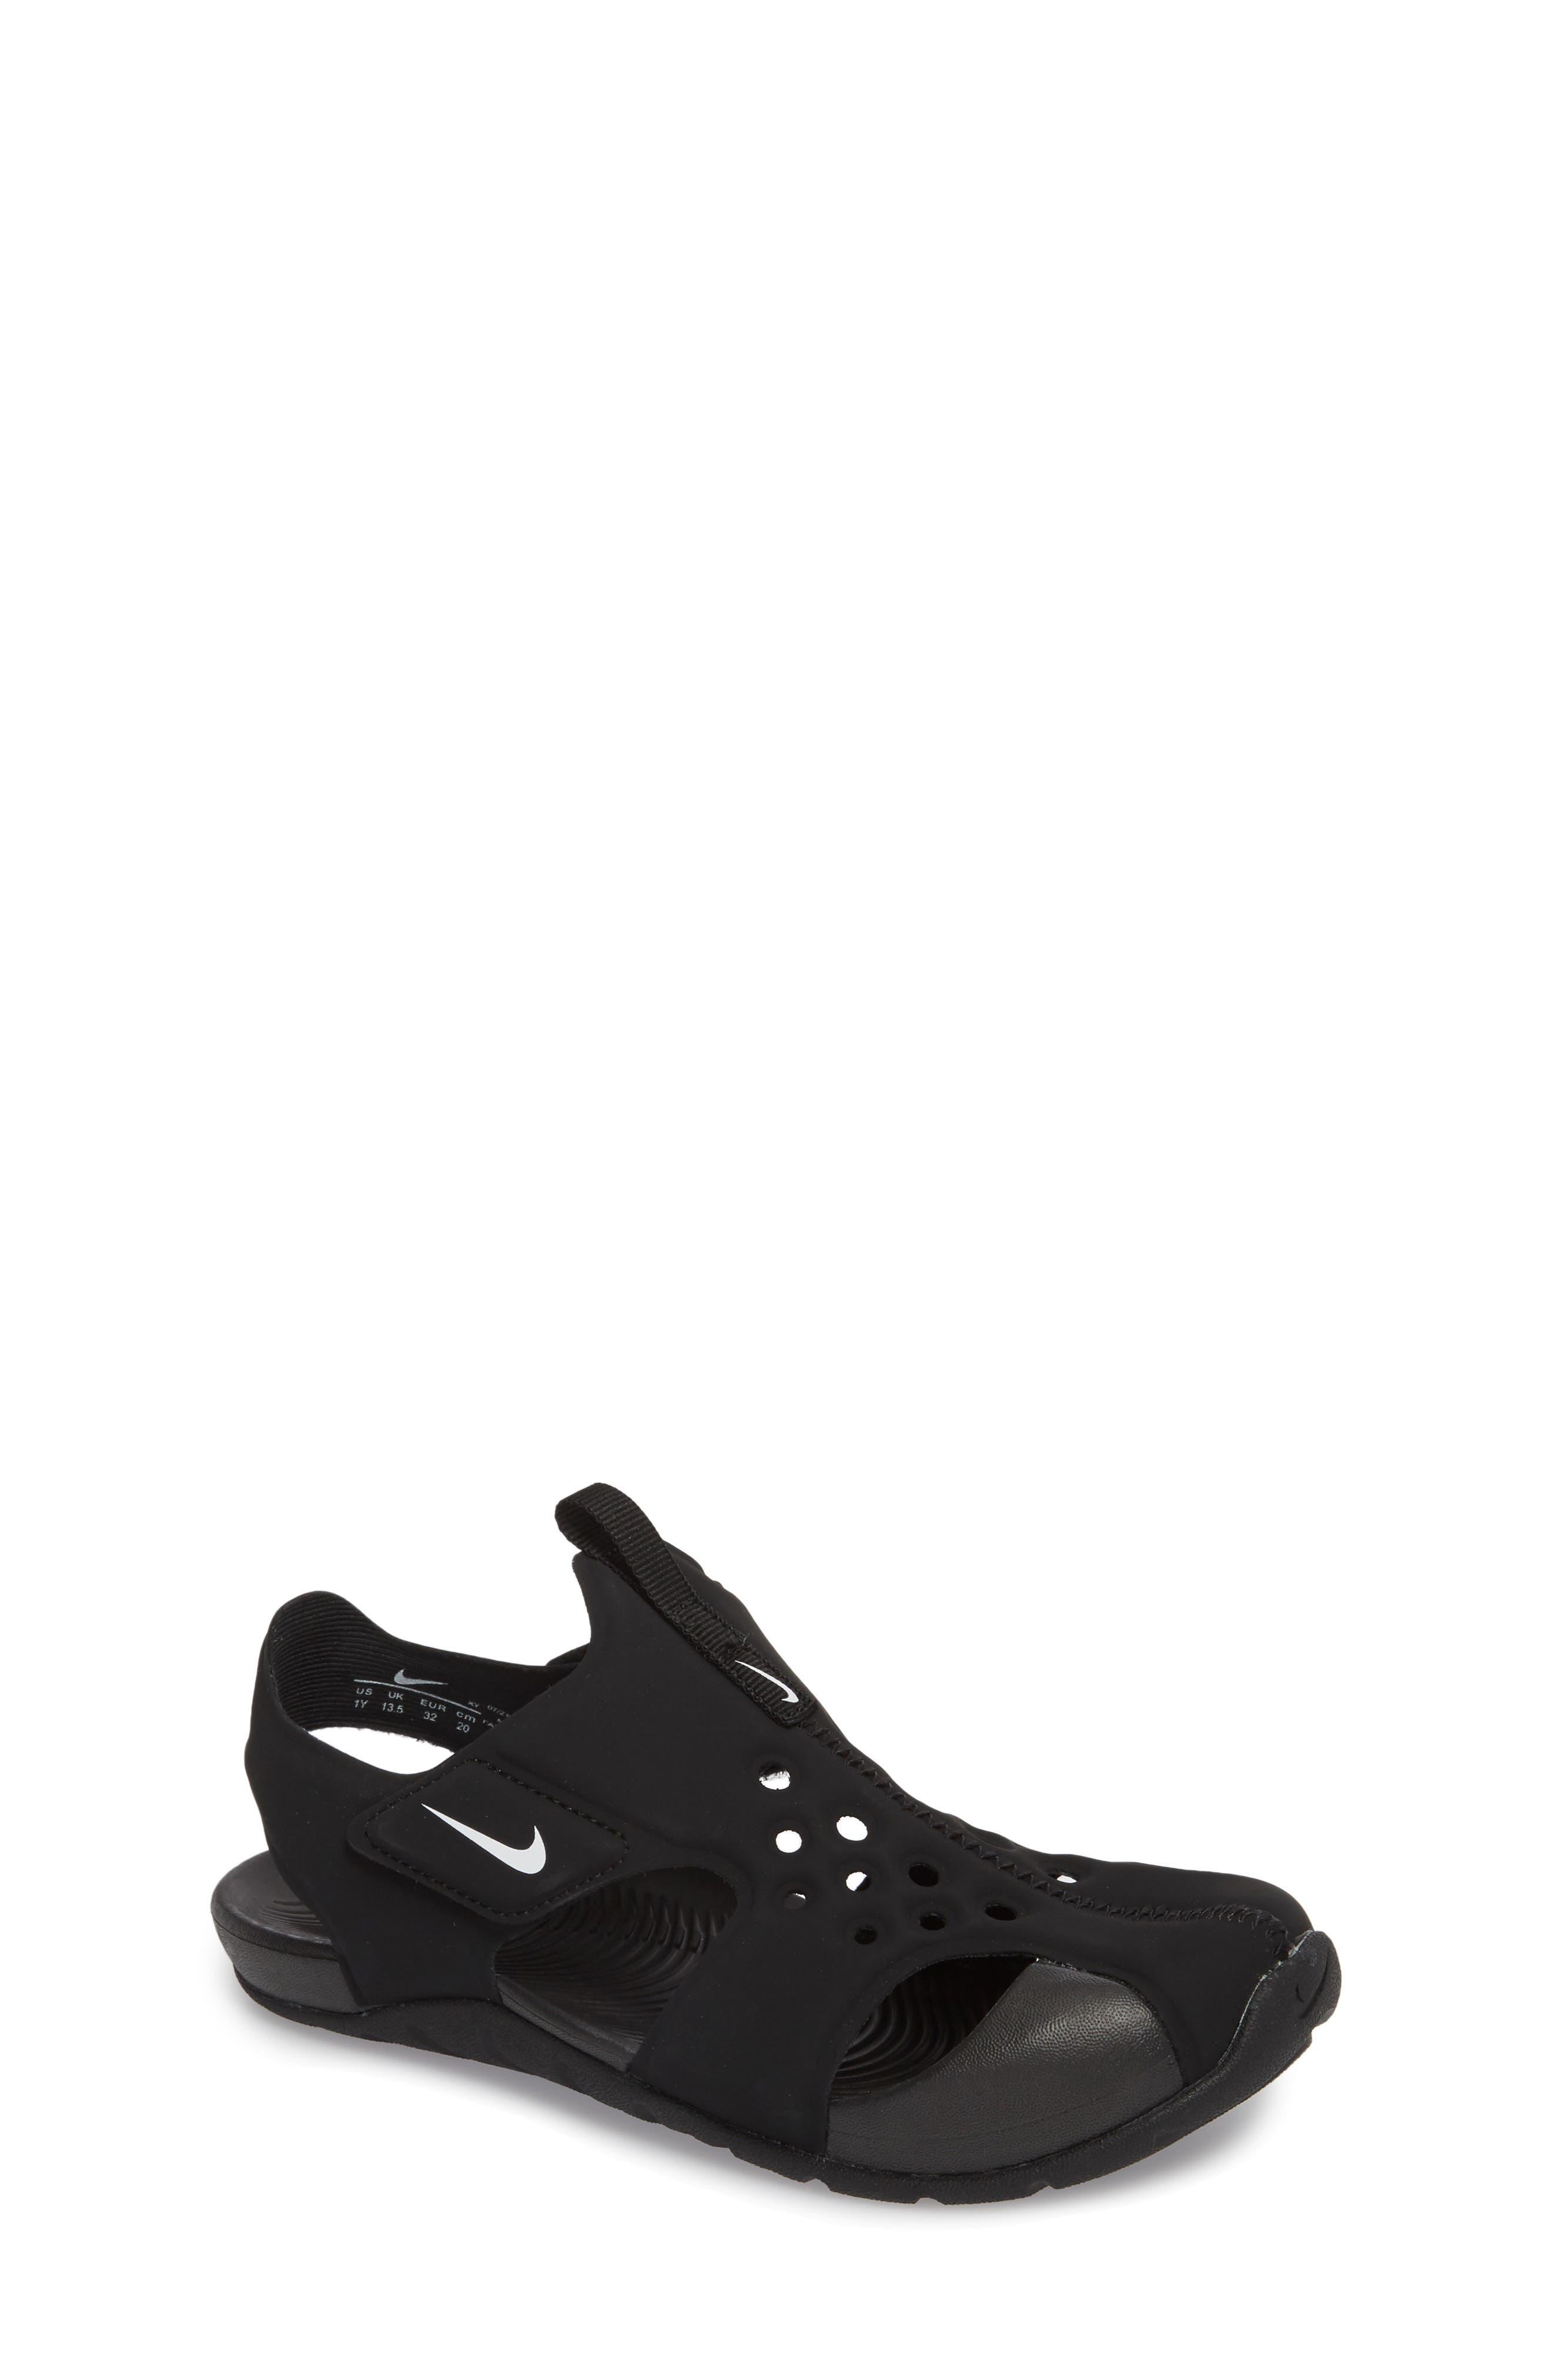 NIKE, Sunray Protect 2 Sandal, Main thumbnail 1, color, BLACK/ WHITE